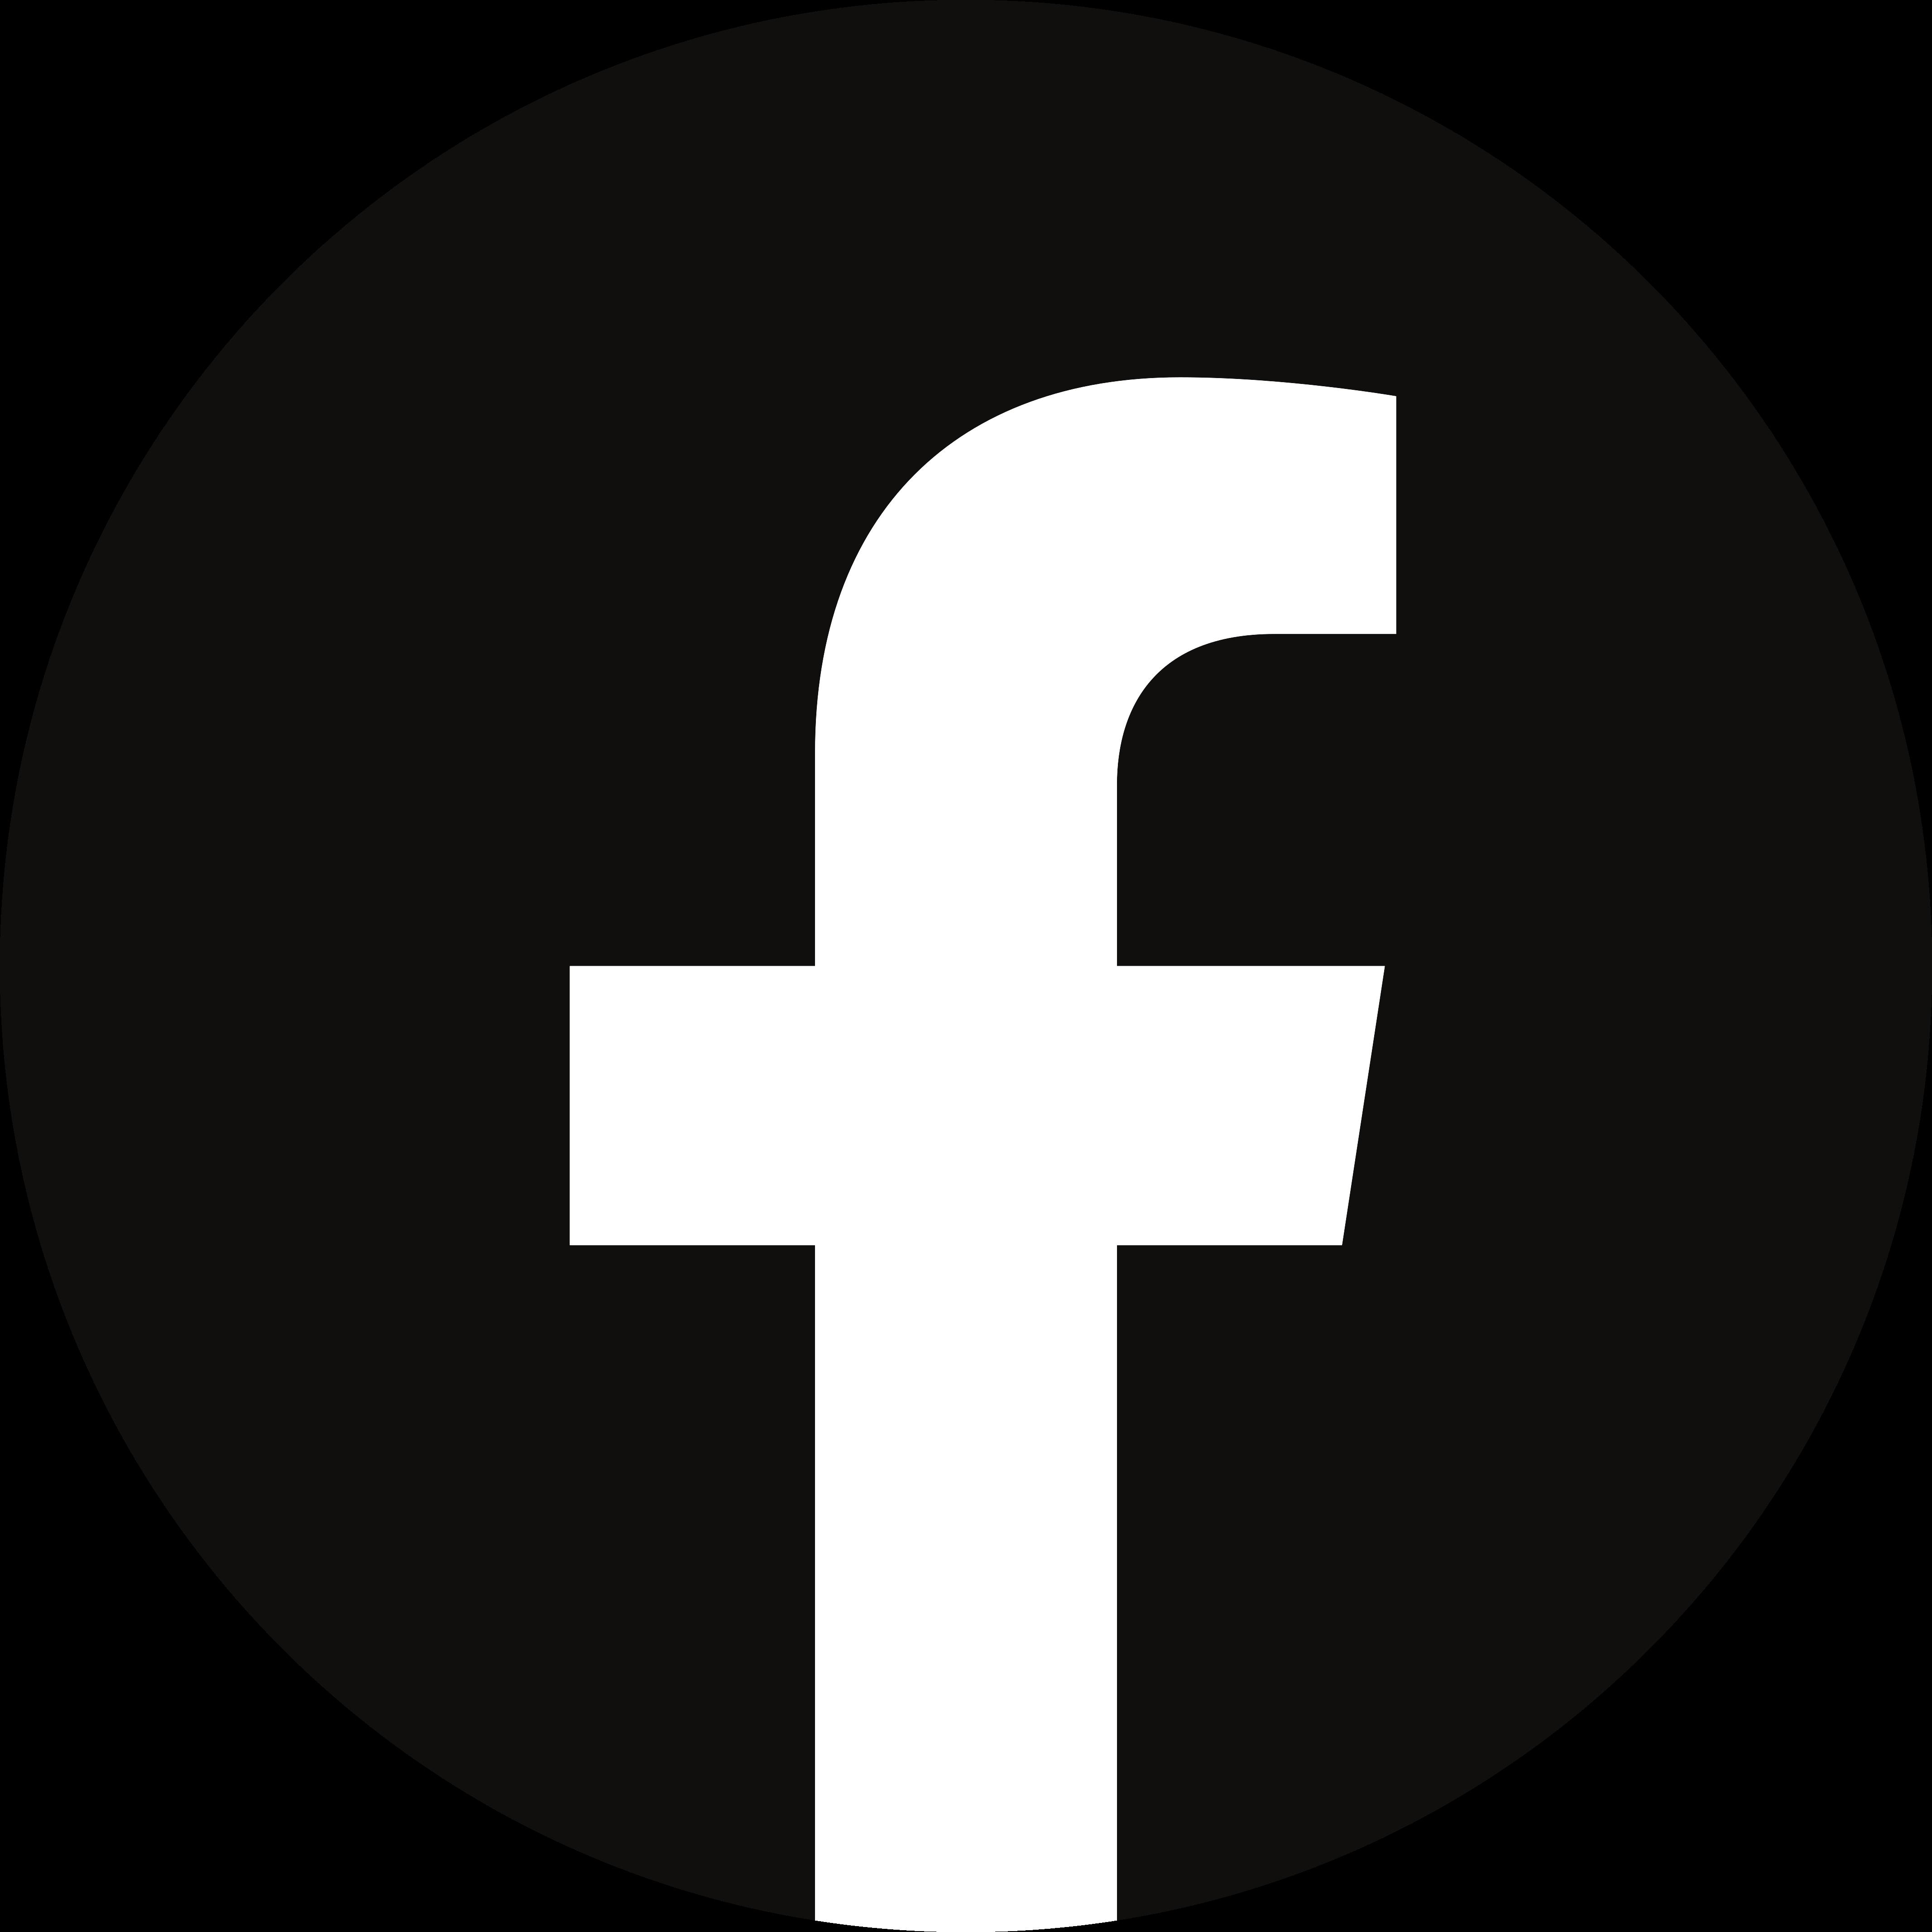 Social media icons set PNG and Vector Pustakawan, Gambar